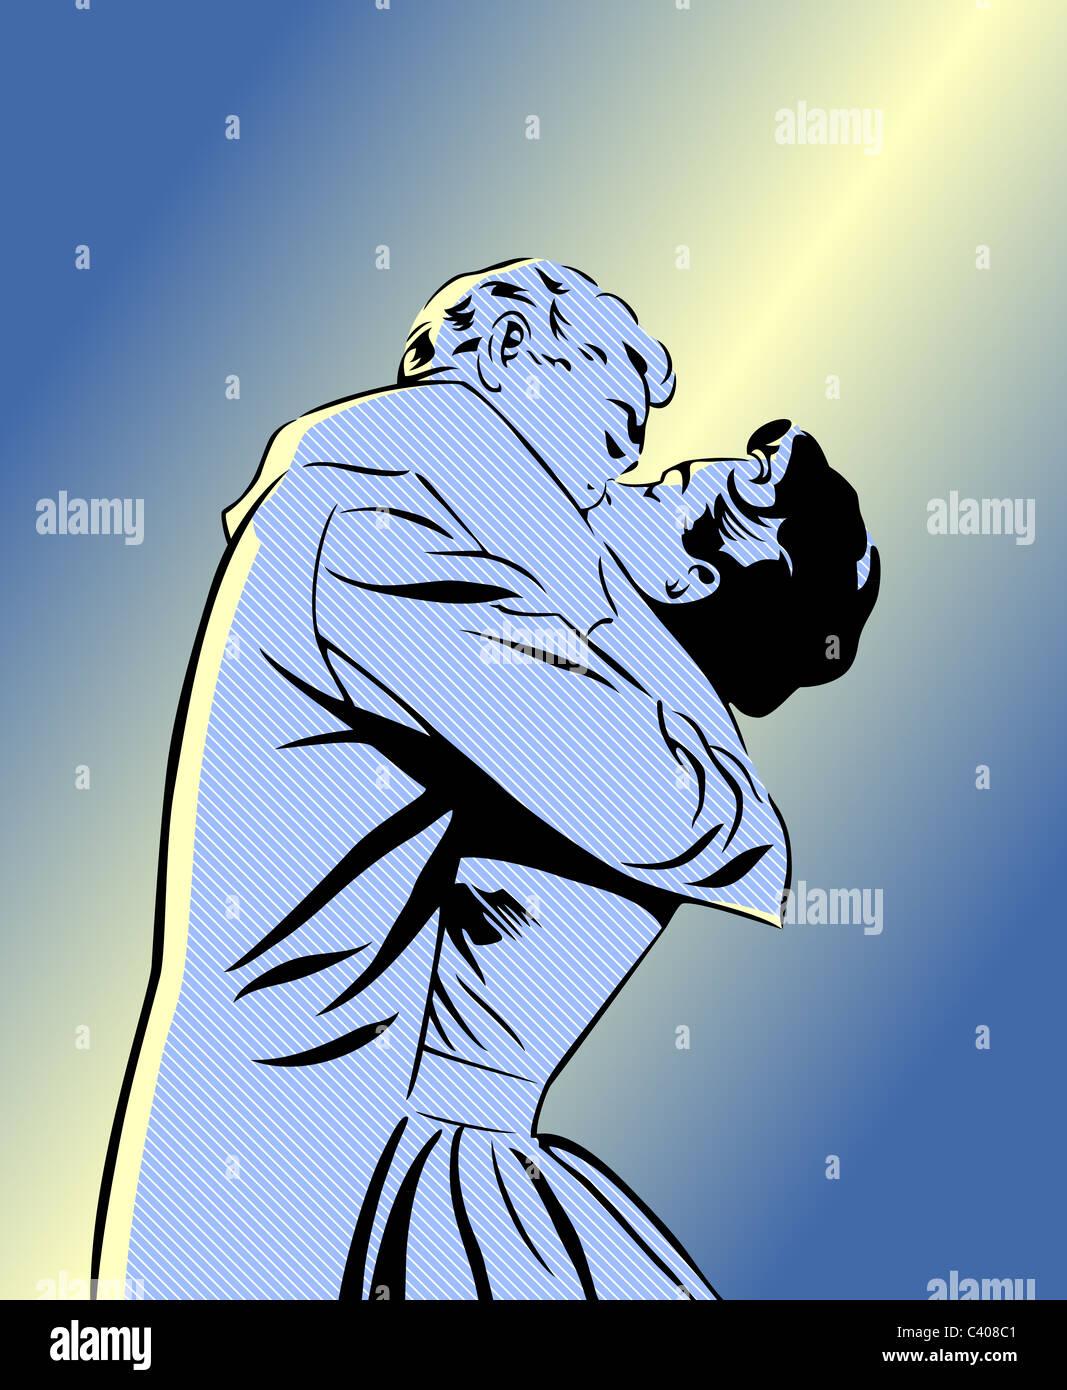 Un cómic de estilo retro ilustración de una pareja besándose Imagen De Stock